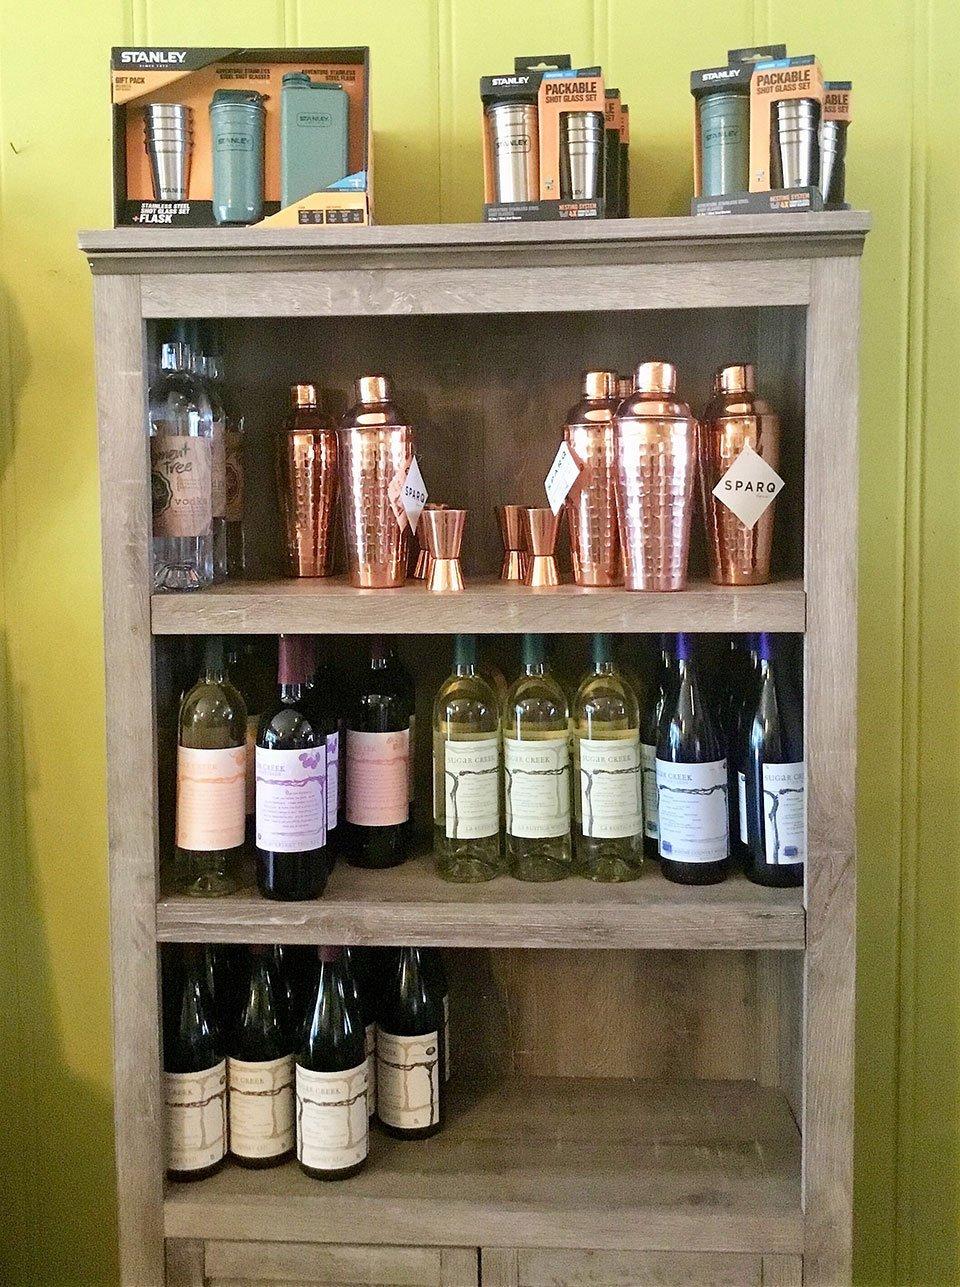 Cocktail bottles